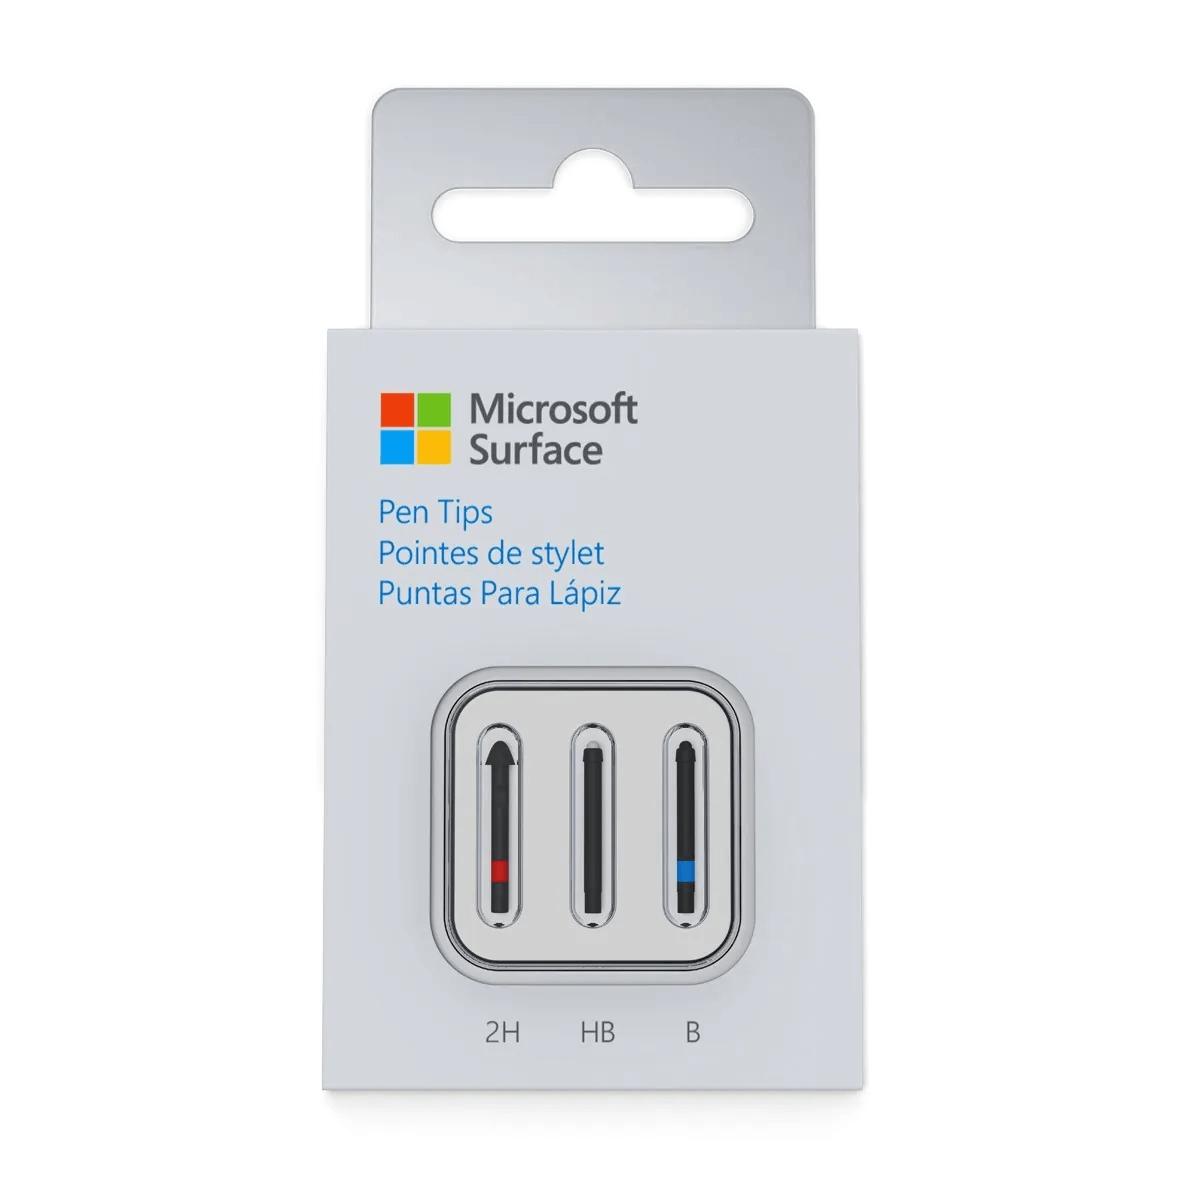 Surface Pen Tips Kit (3 Tips)